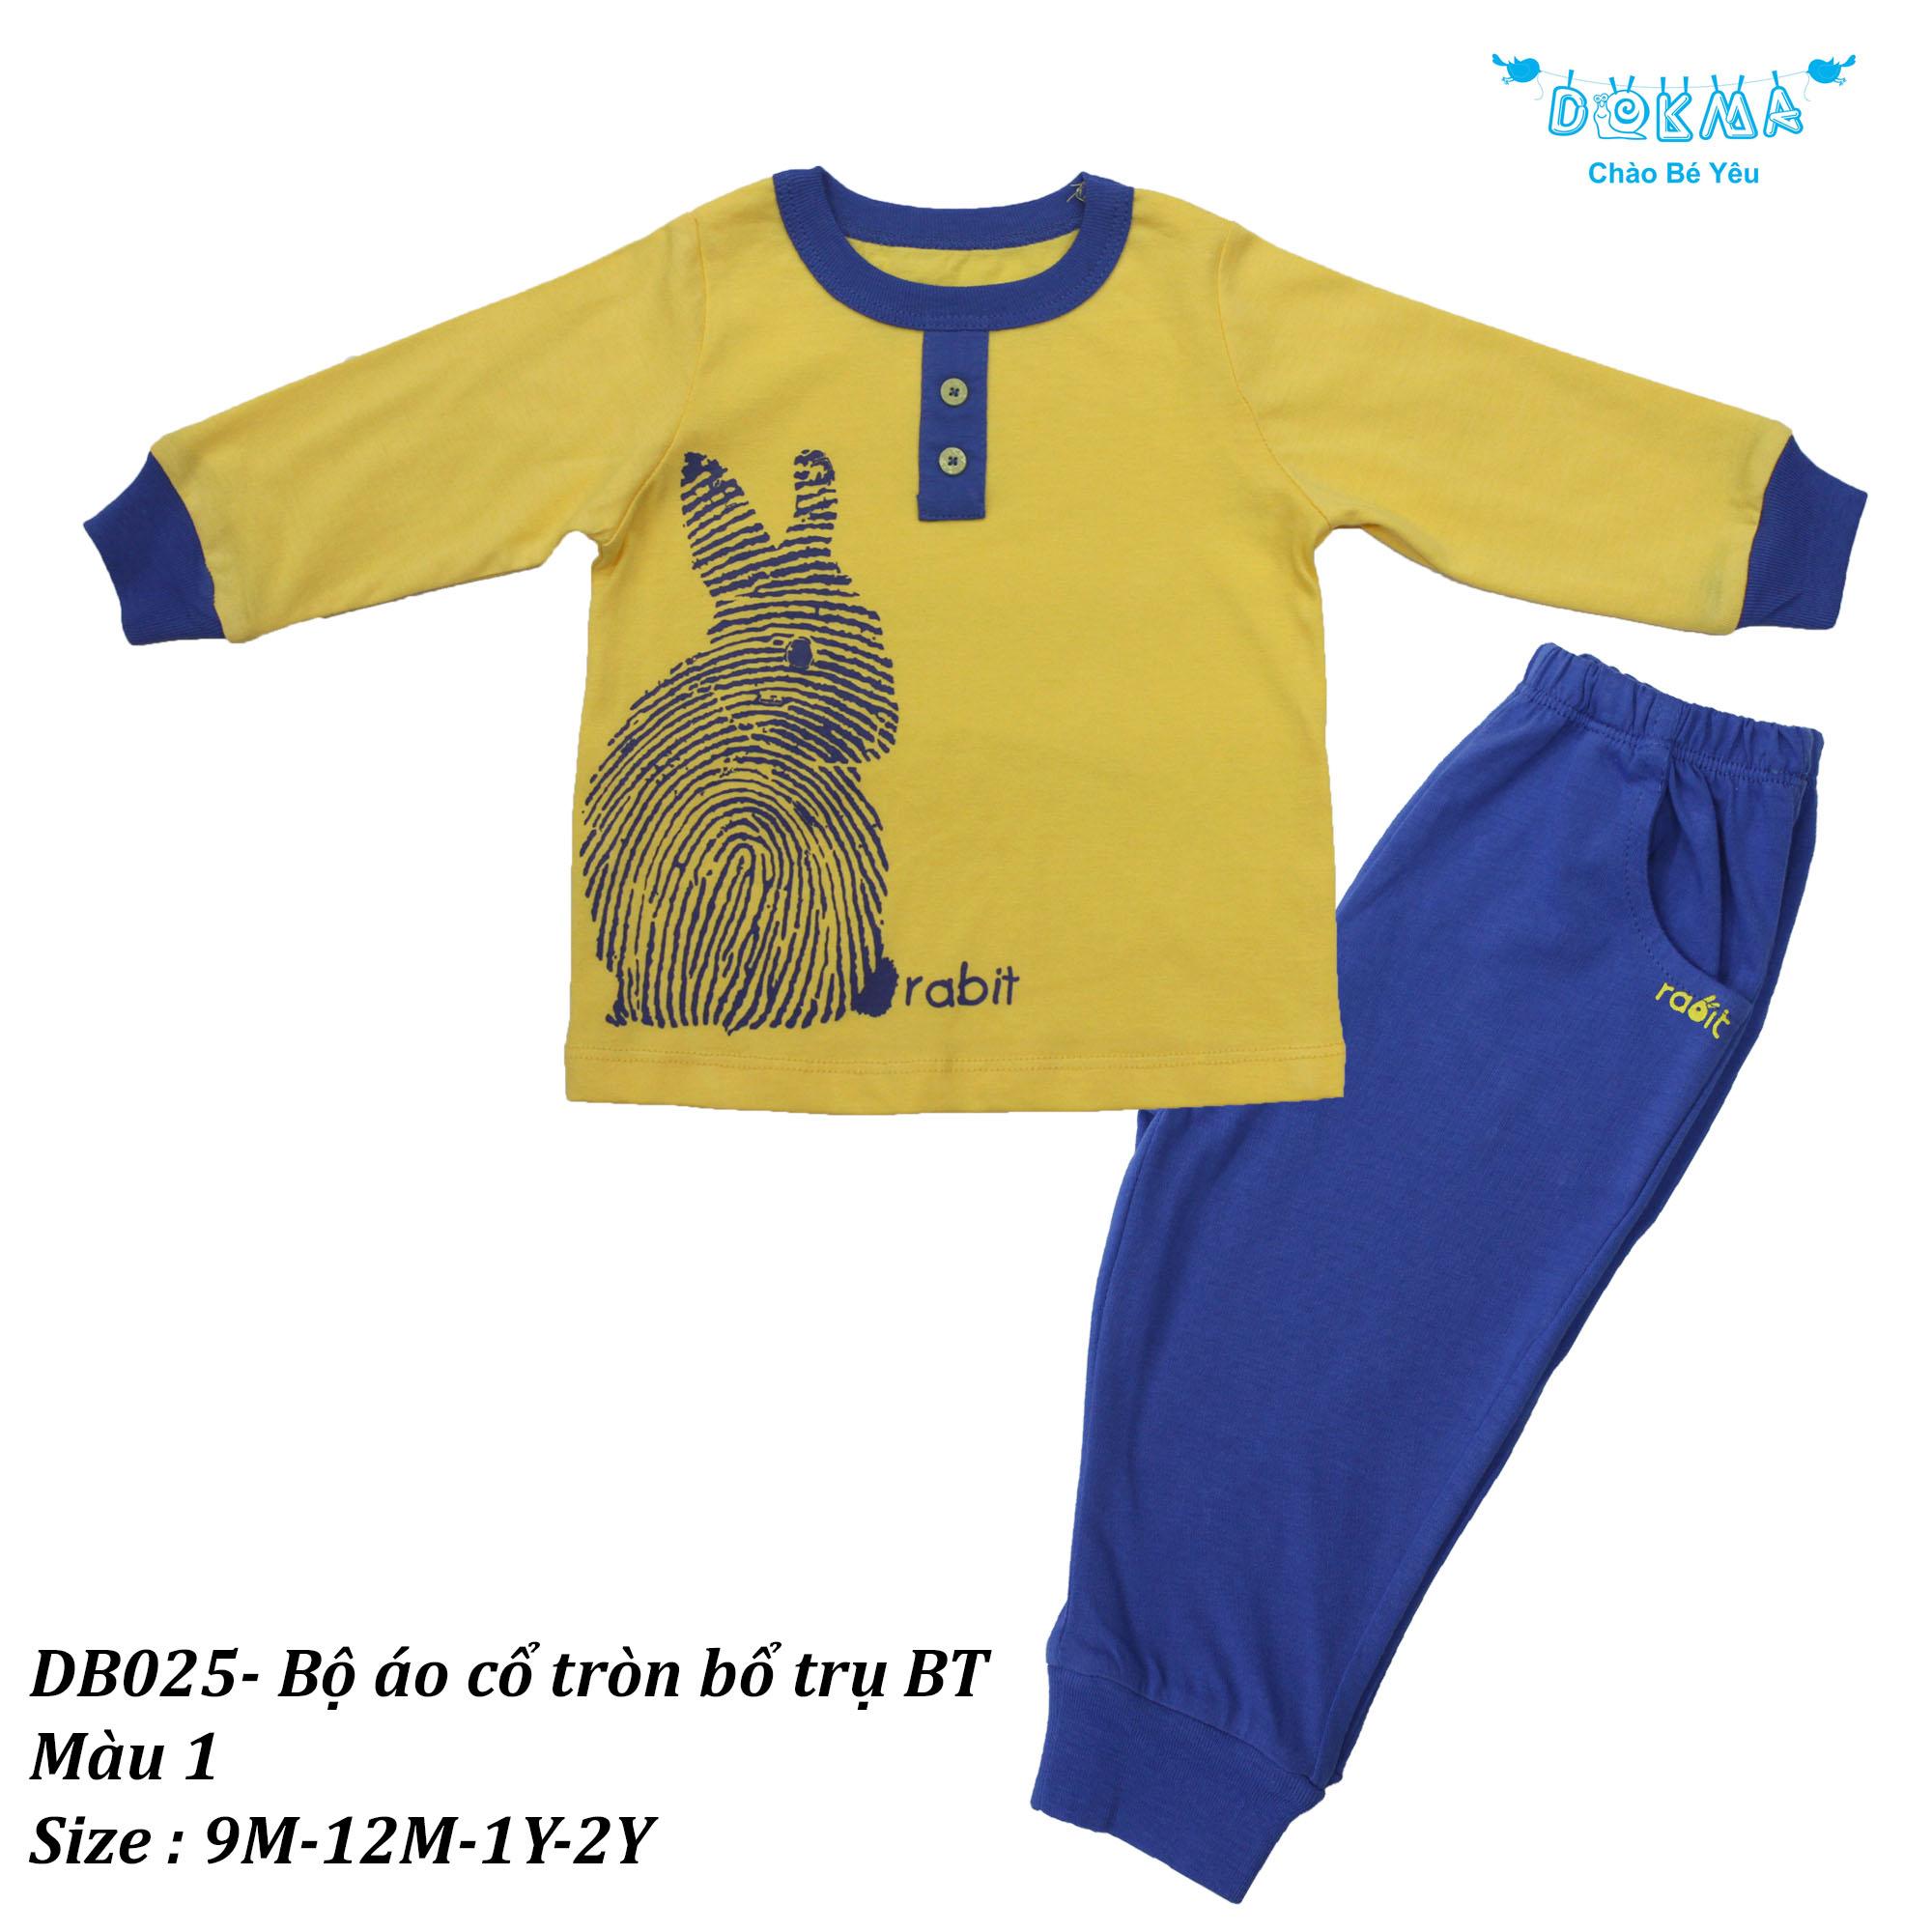 Bộ áo Cổ Tròn Bổ Trụ BT – DB025